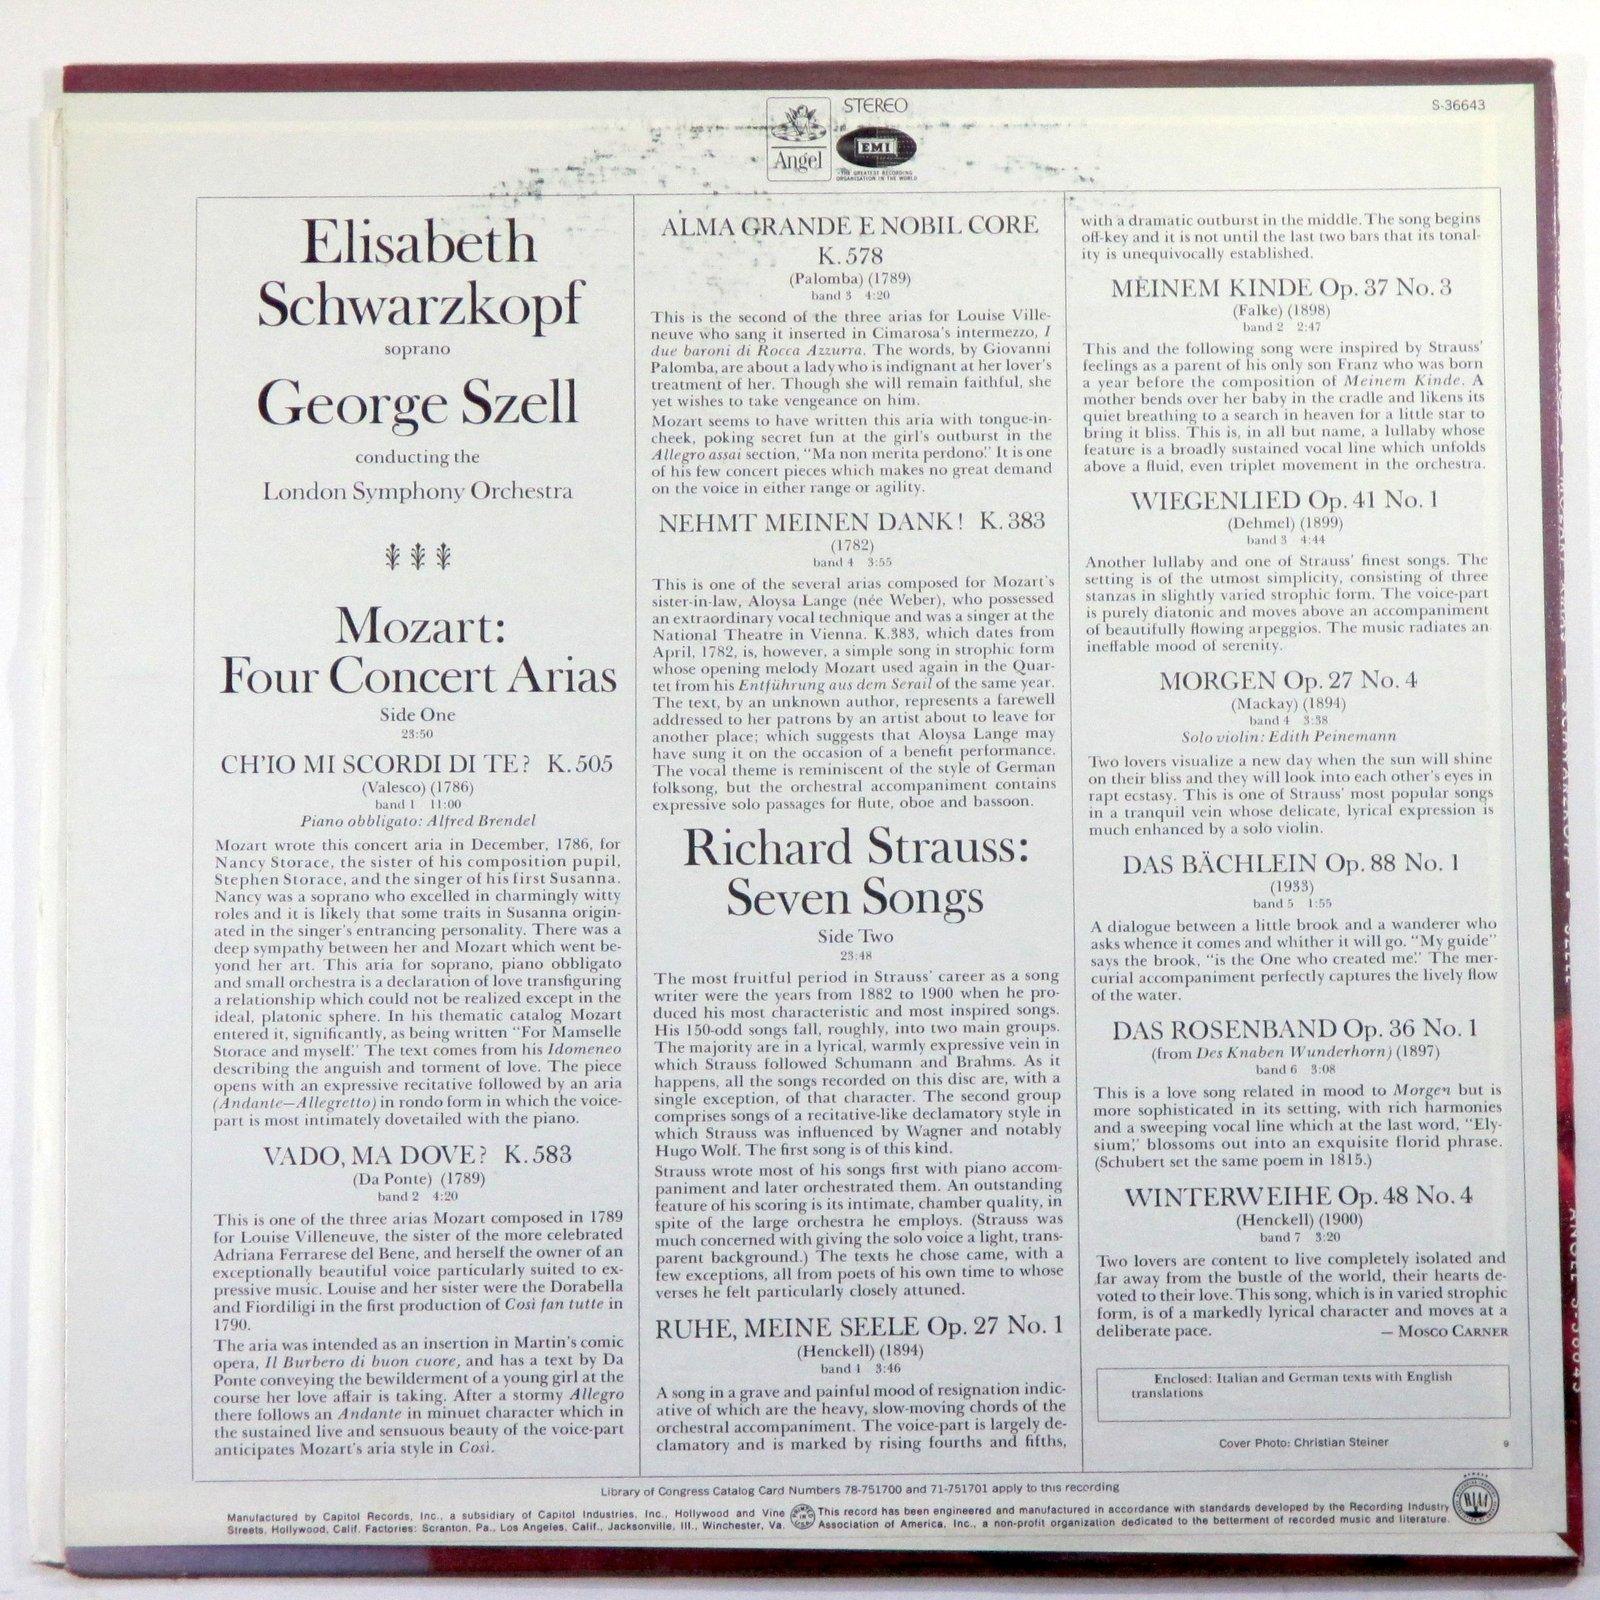 Strauss: Seven Songs / Mozart: Four Concert Arias [Vinyl] Elisabeth Schwarzko...